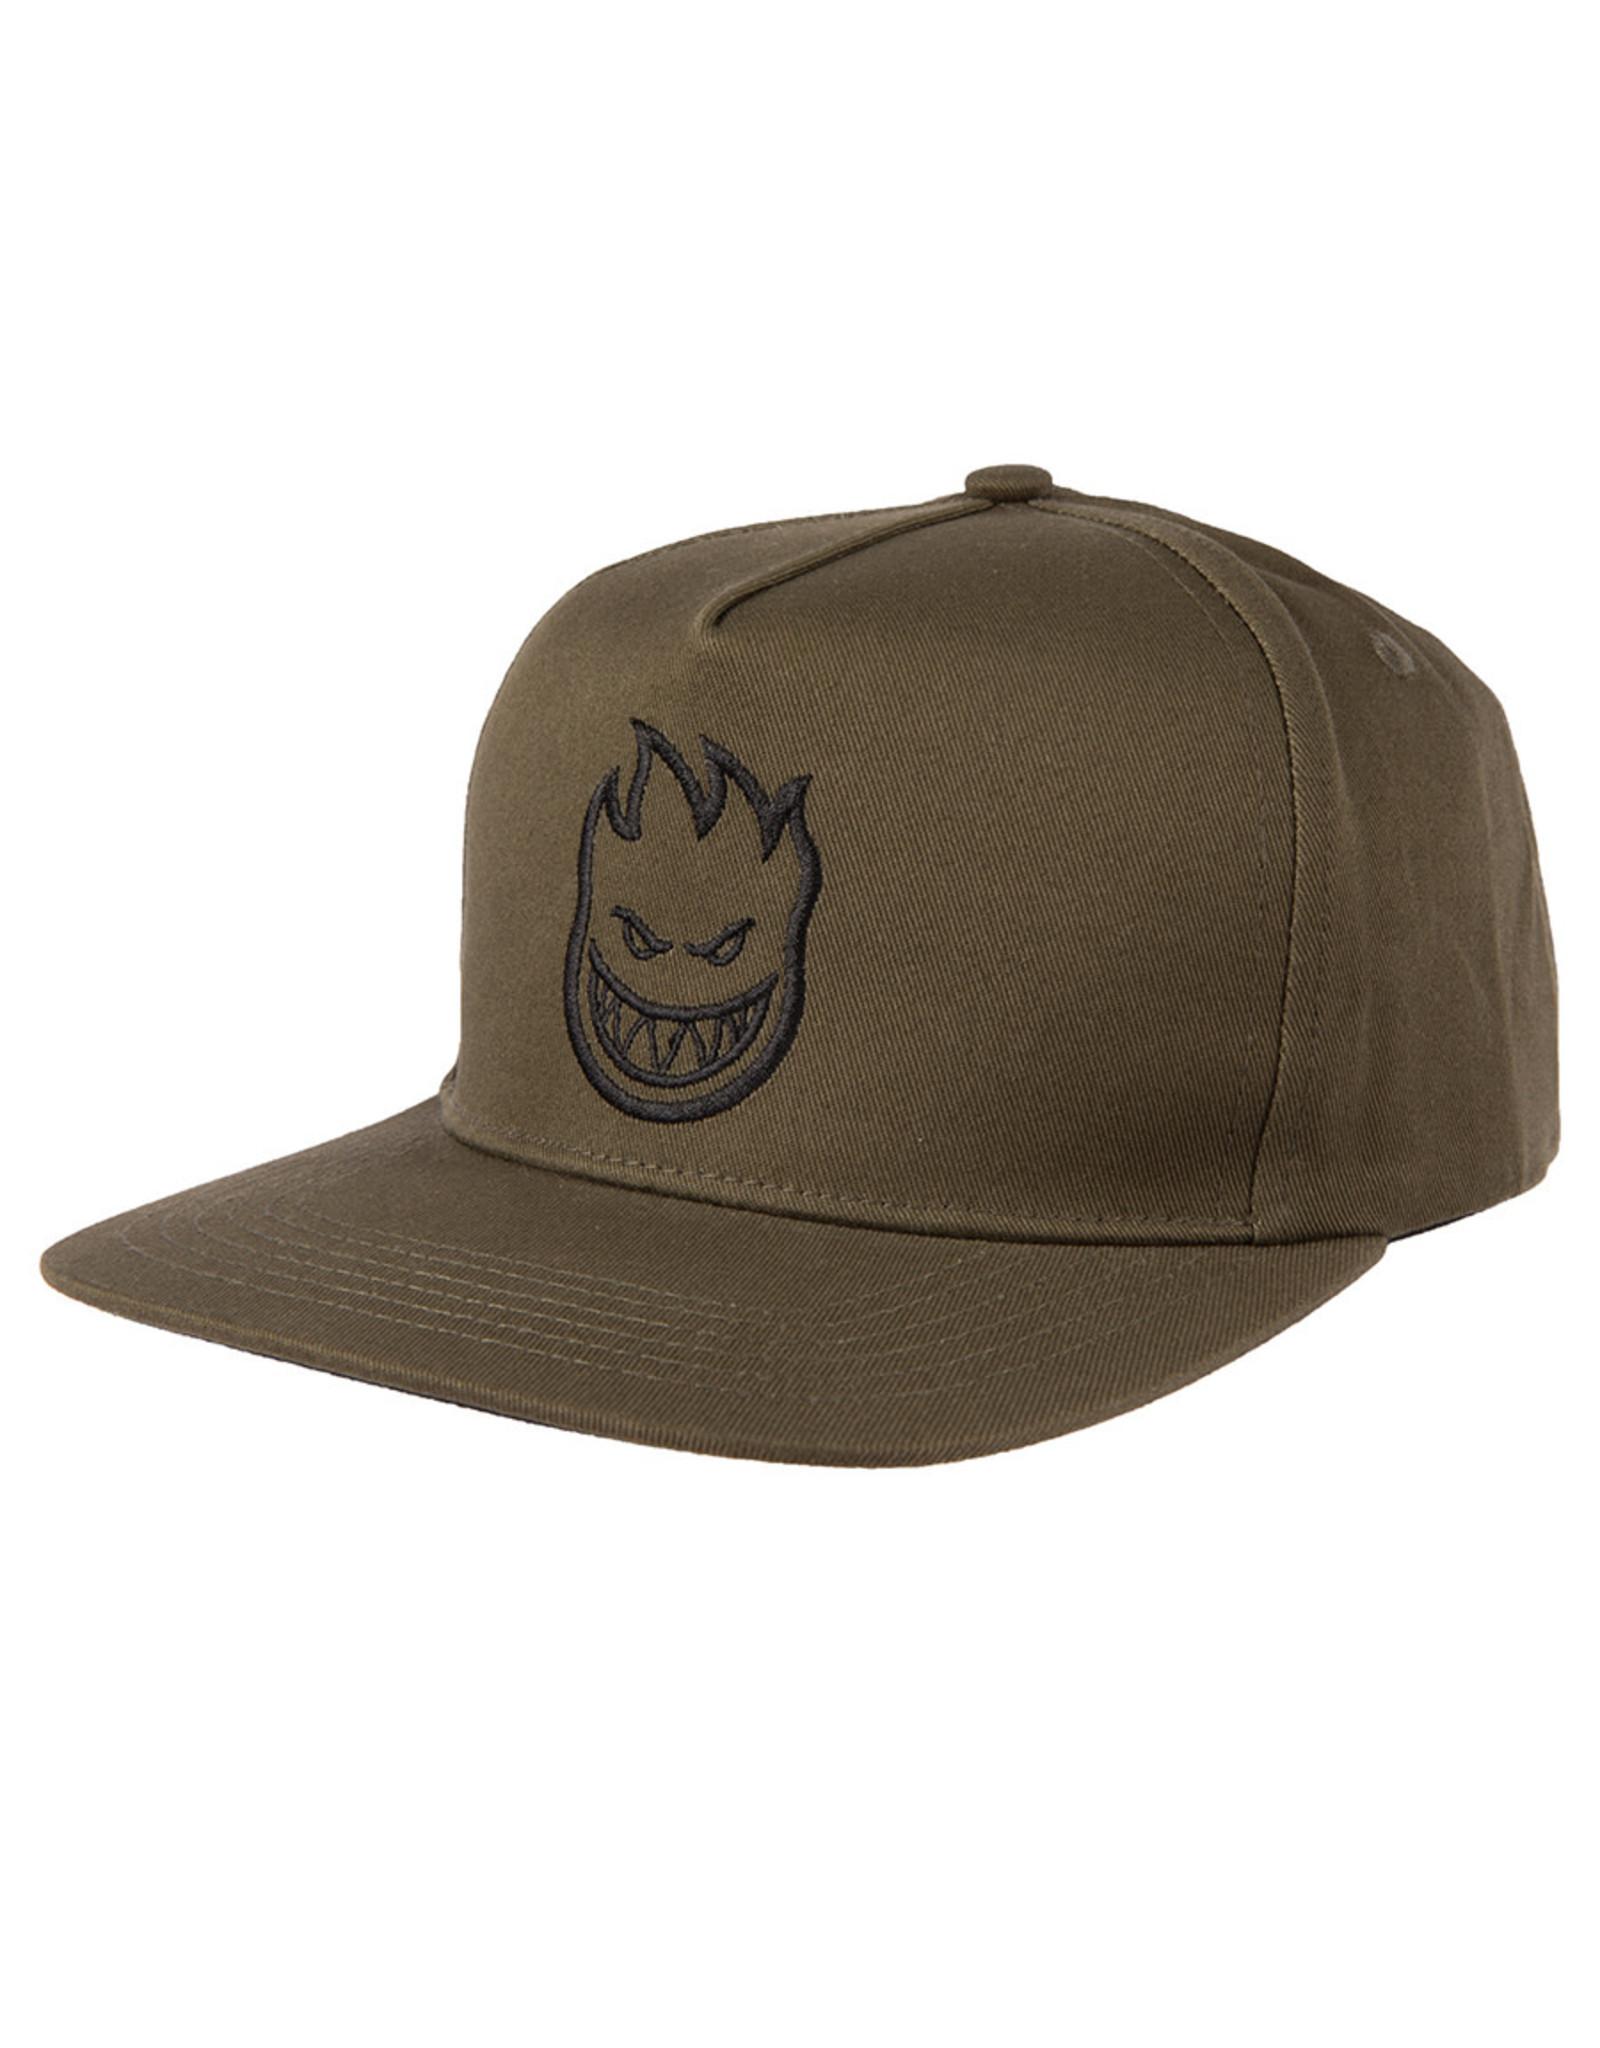 Spitfire Spitfire Hat Bighead Snapback (Olive/Black)